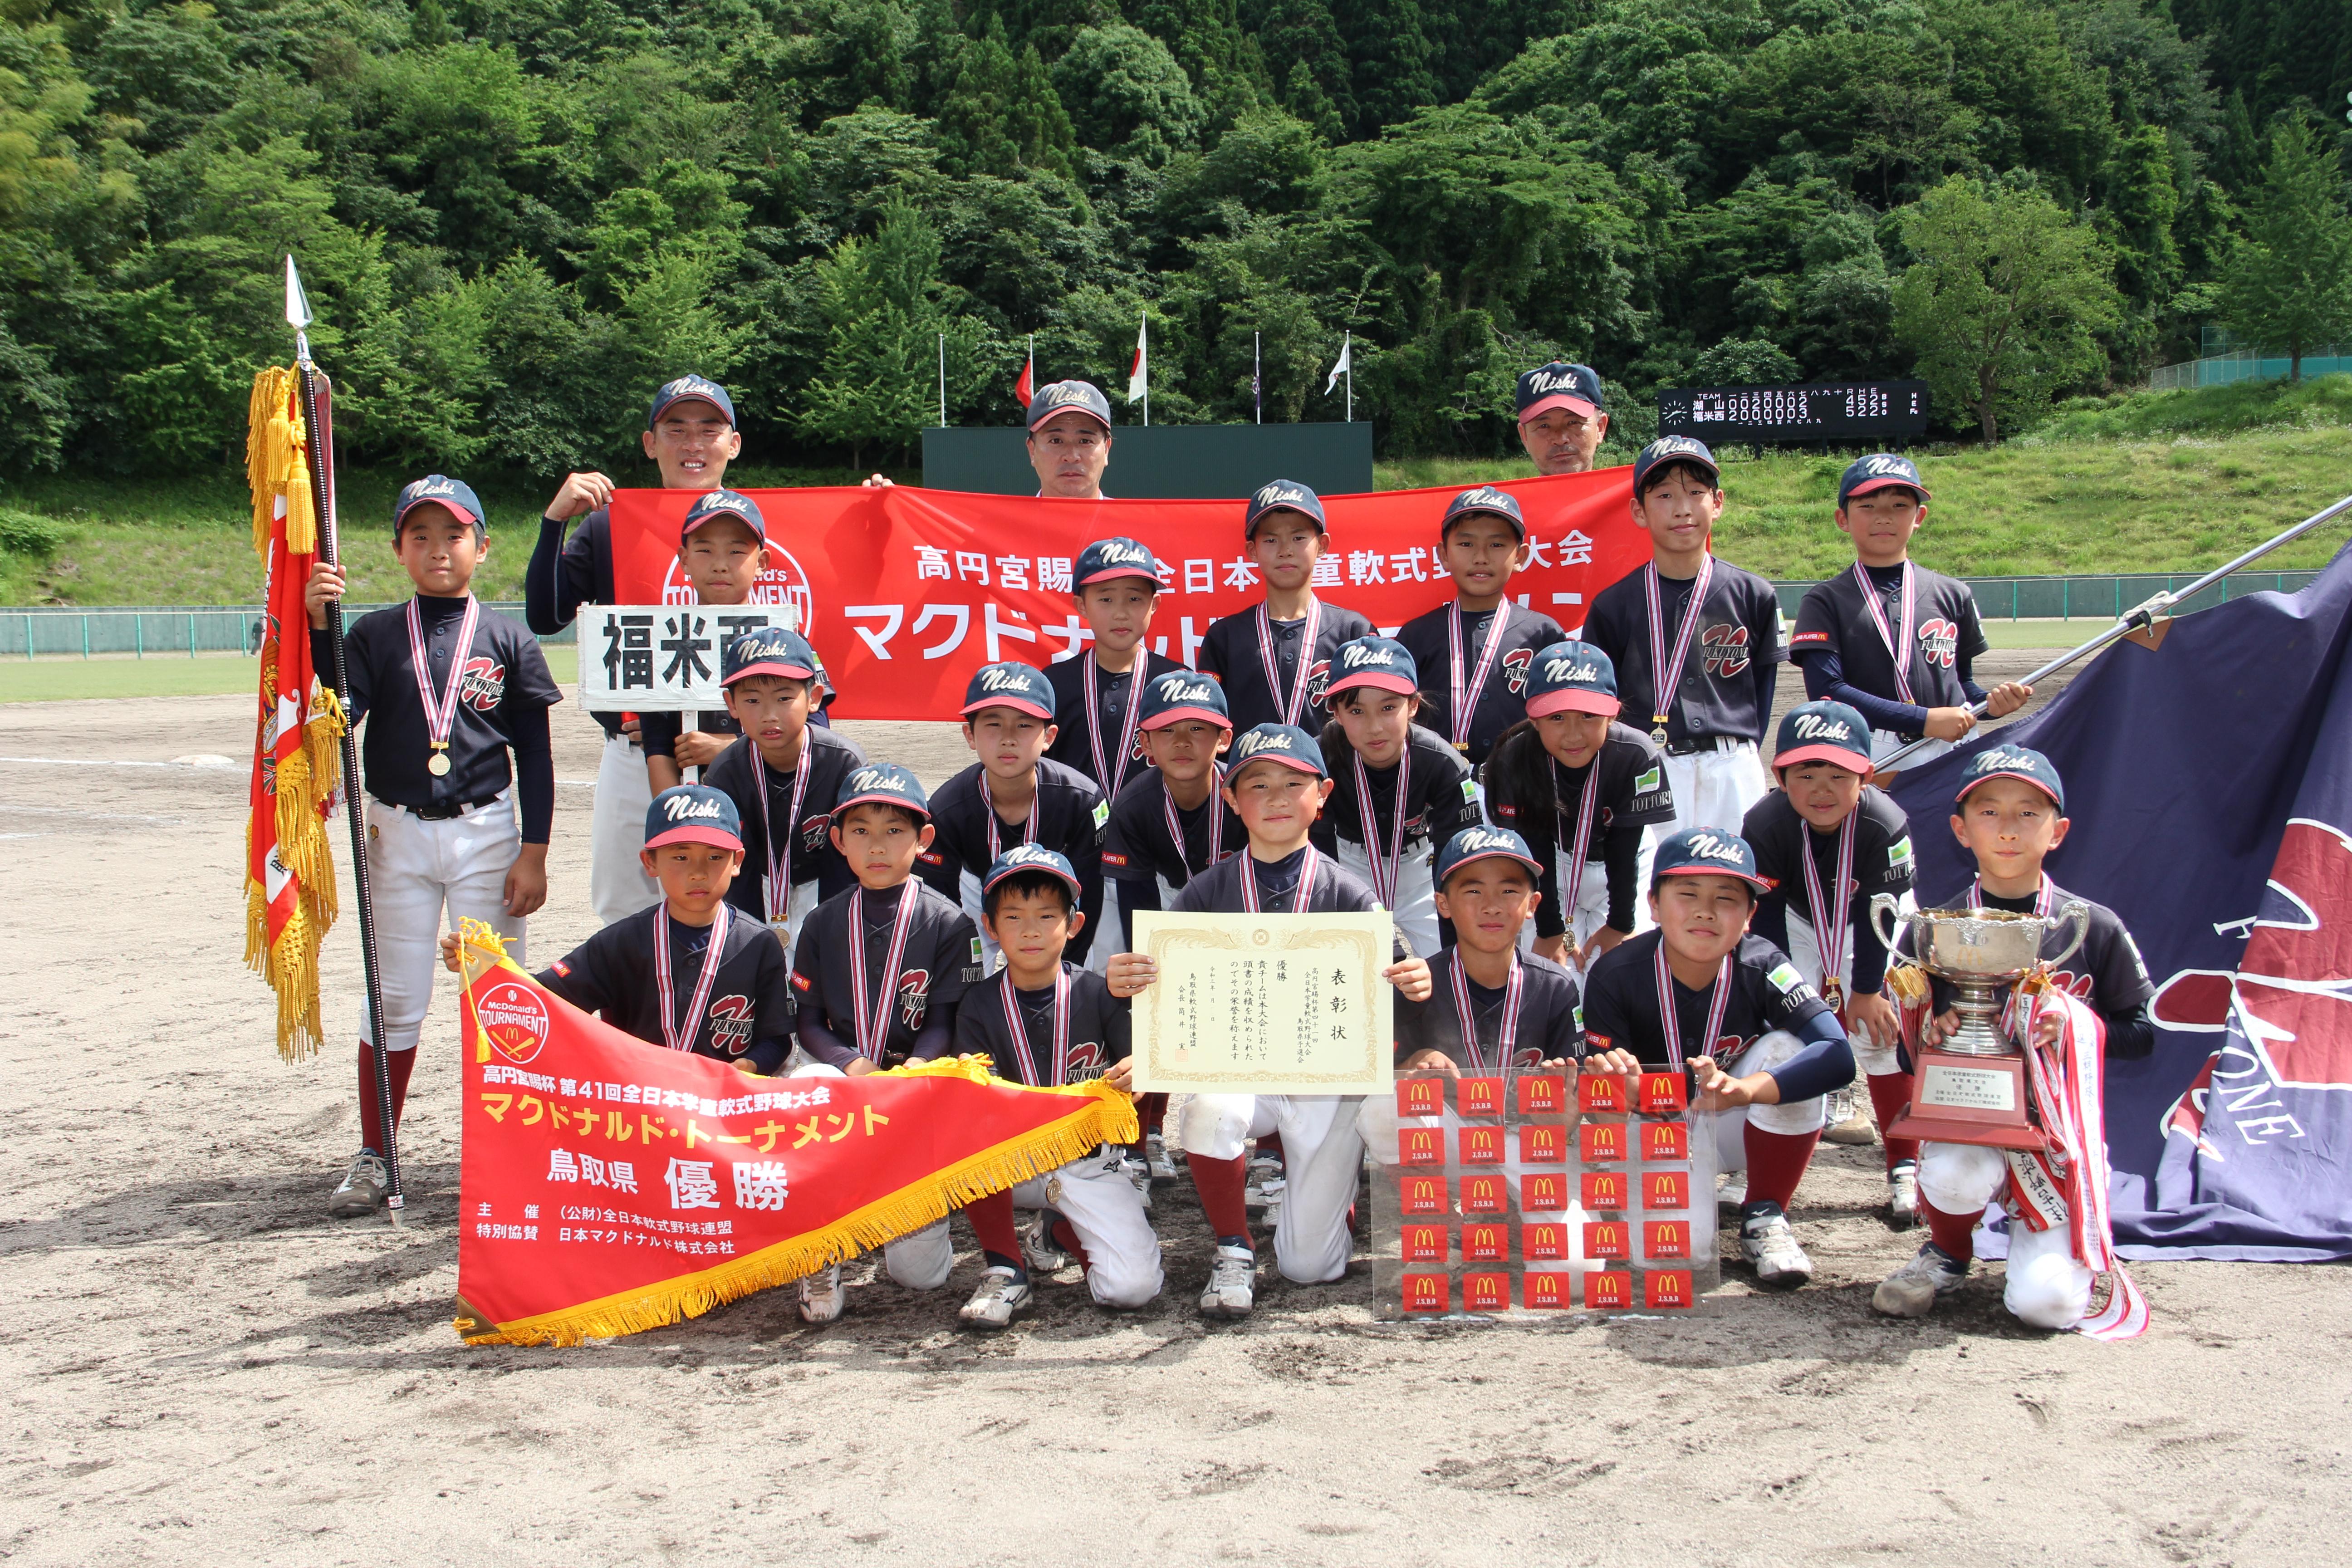 福米西スポーツ少年団